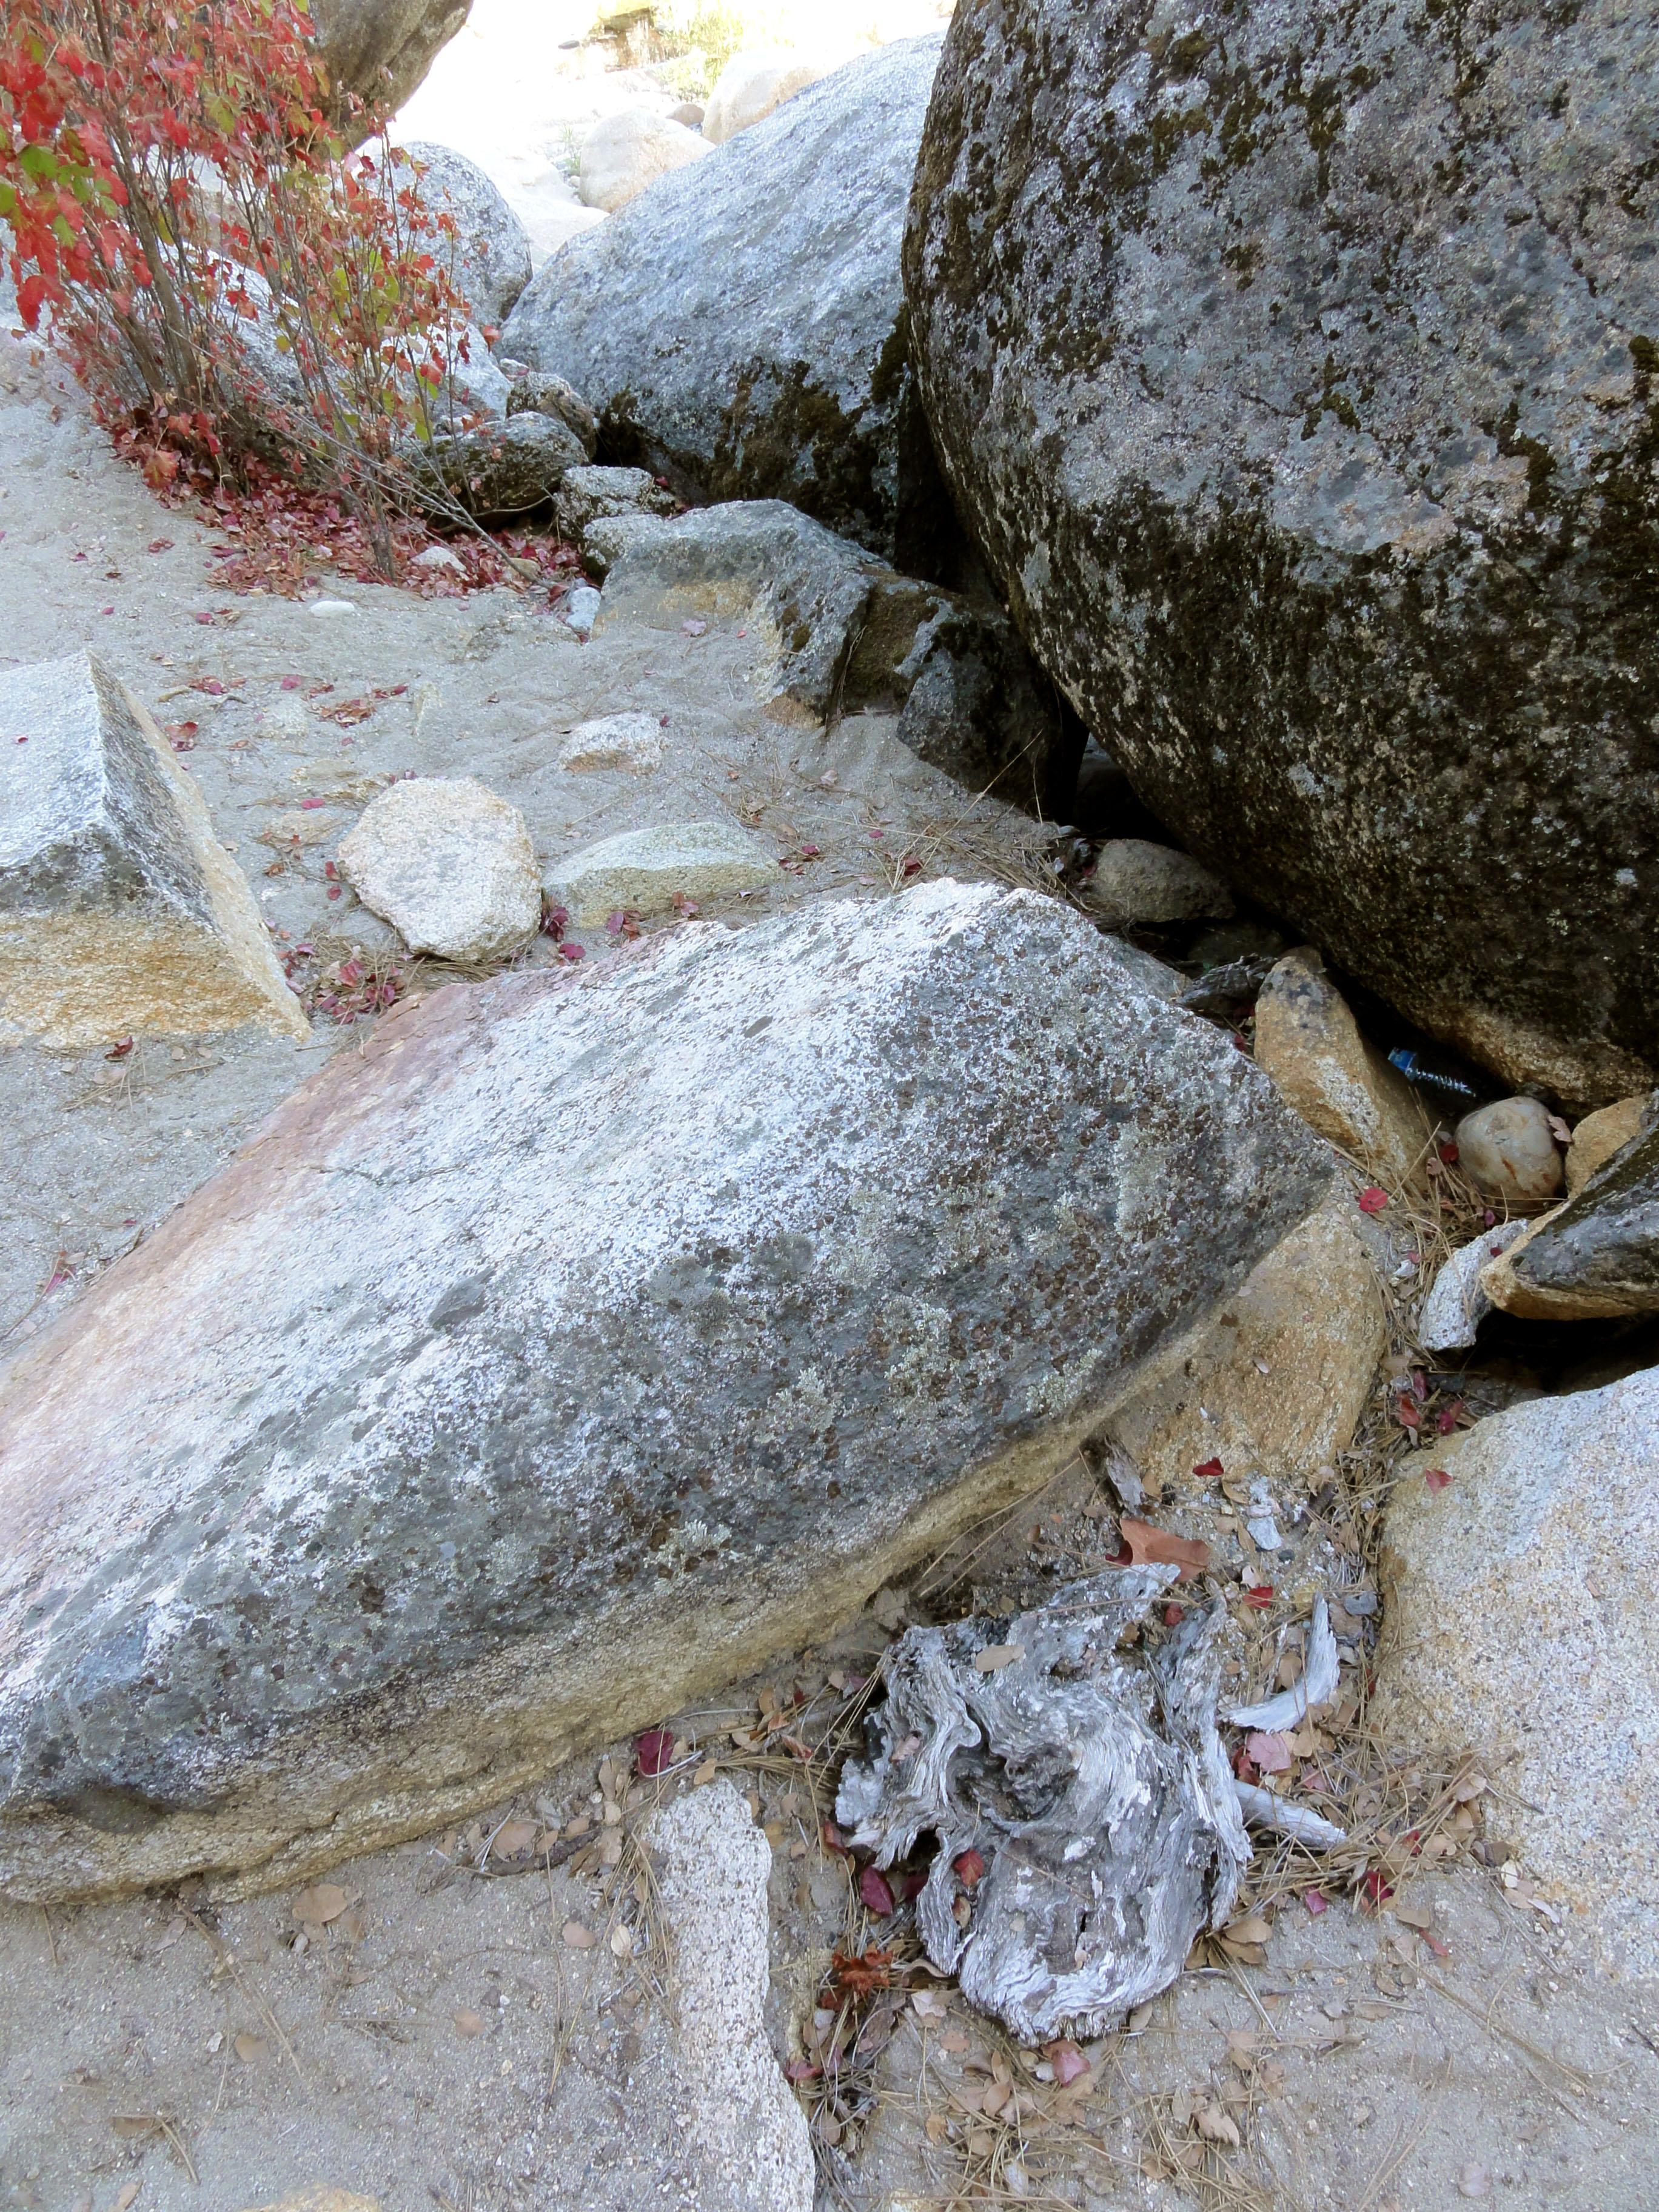 yubawoodrock